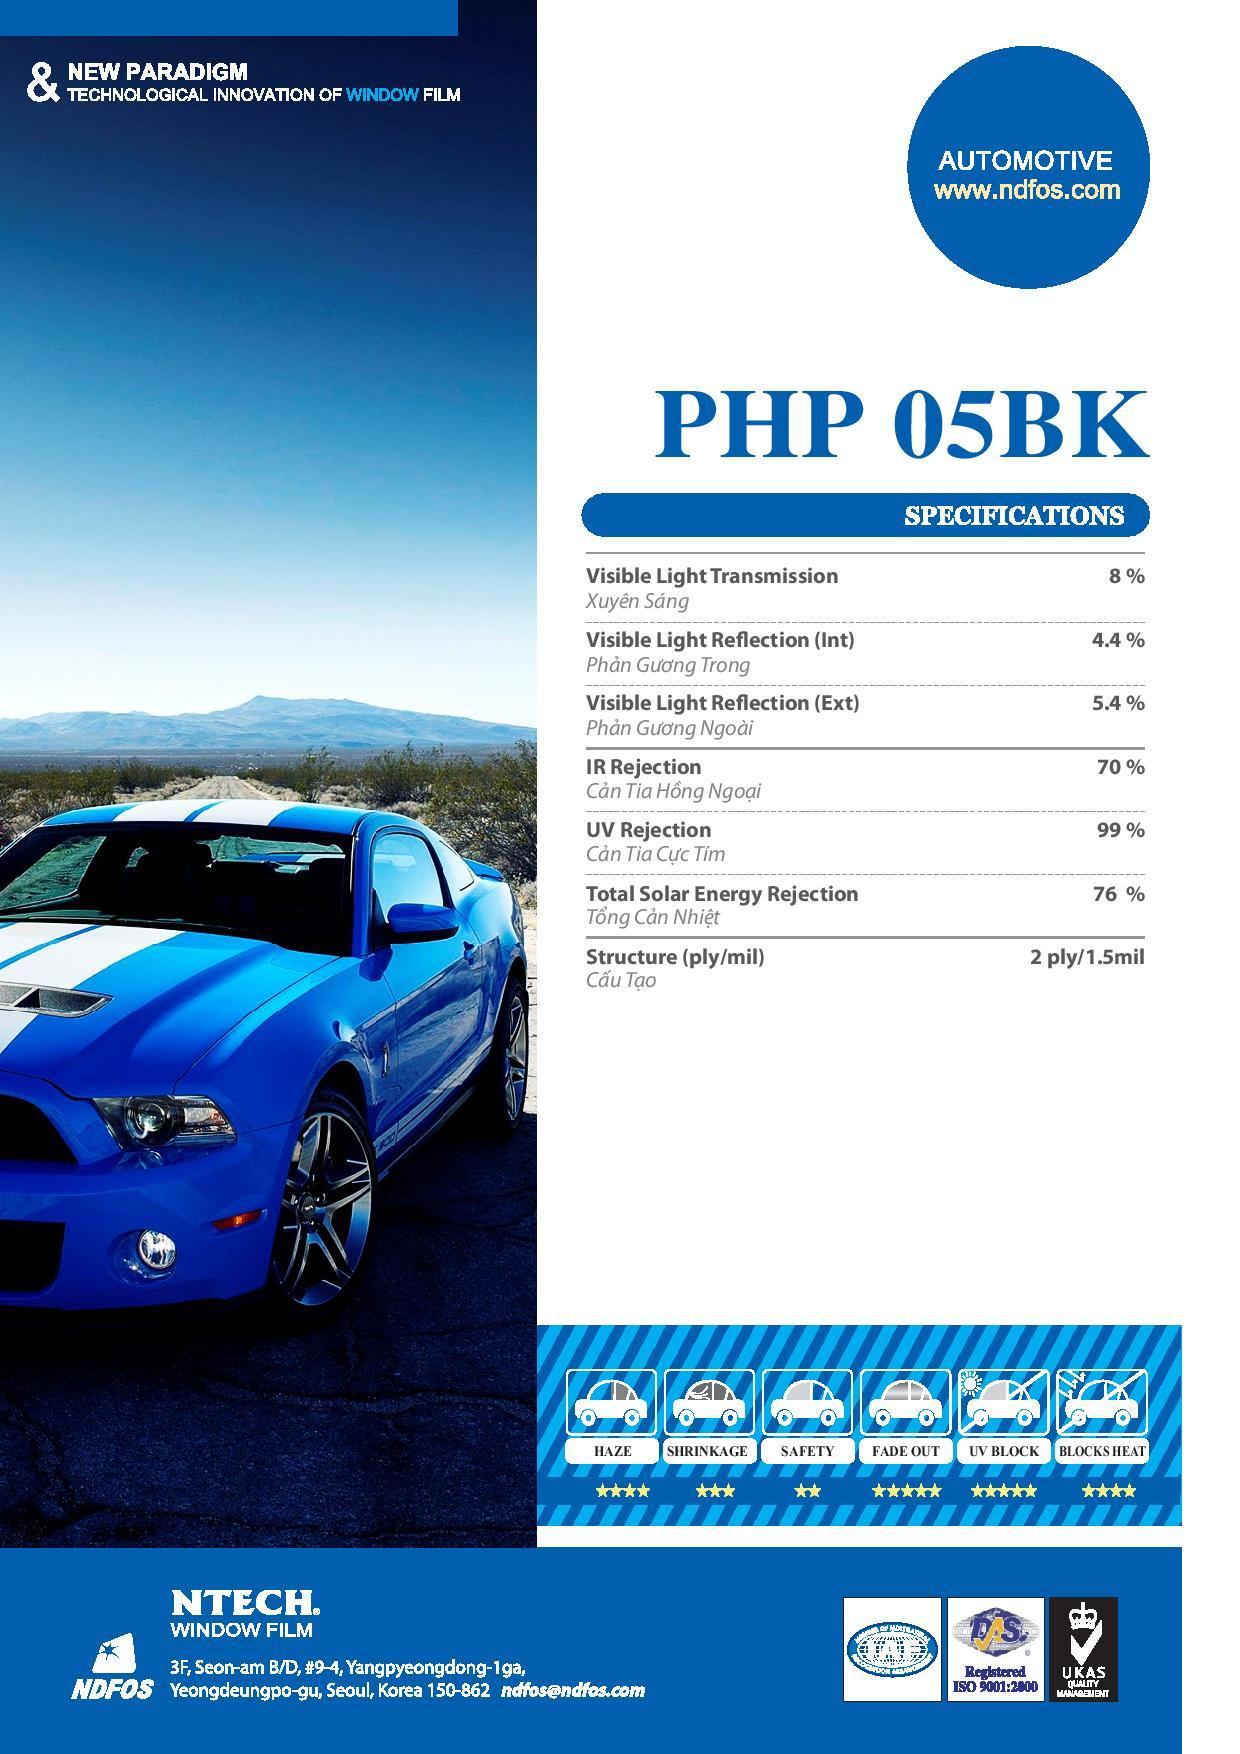 Mã phim PHP 05 BK